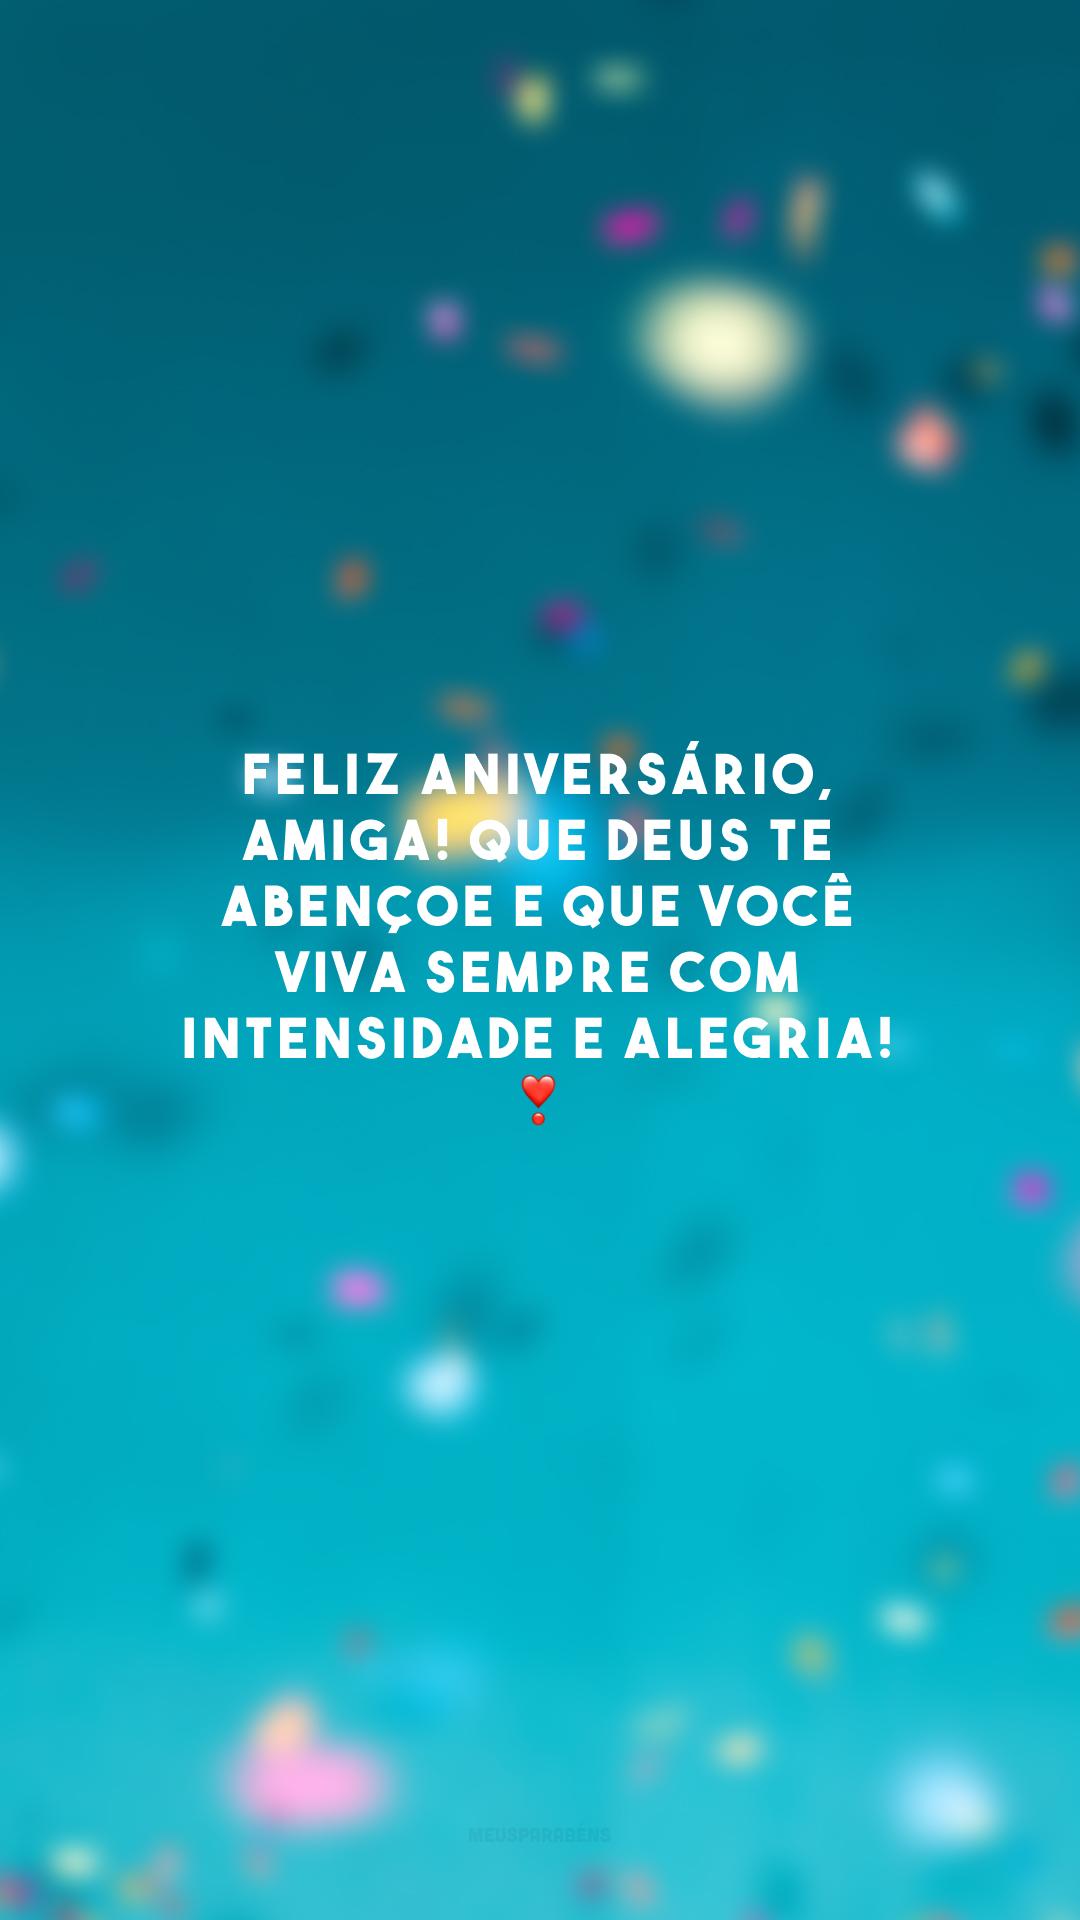 Feliz aniversário, amiga! Que Deus te abençoe e que você viva sempre com intensidade e alegria! ❣️